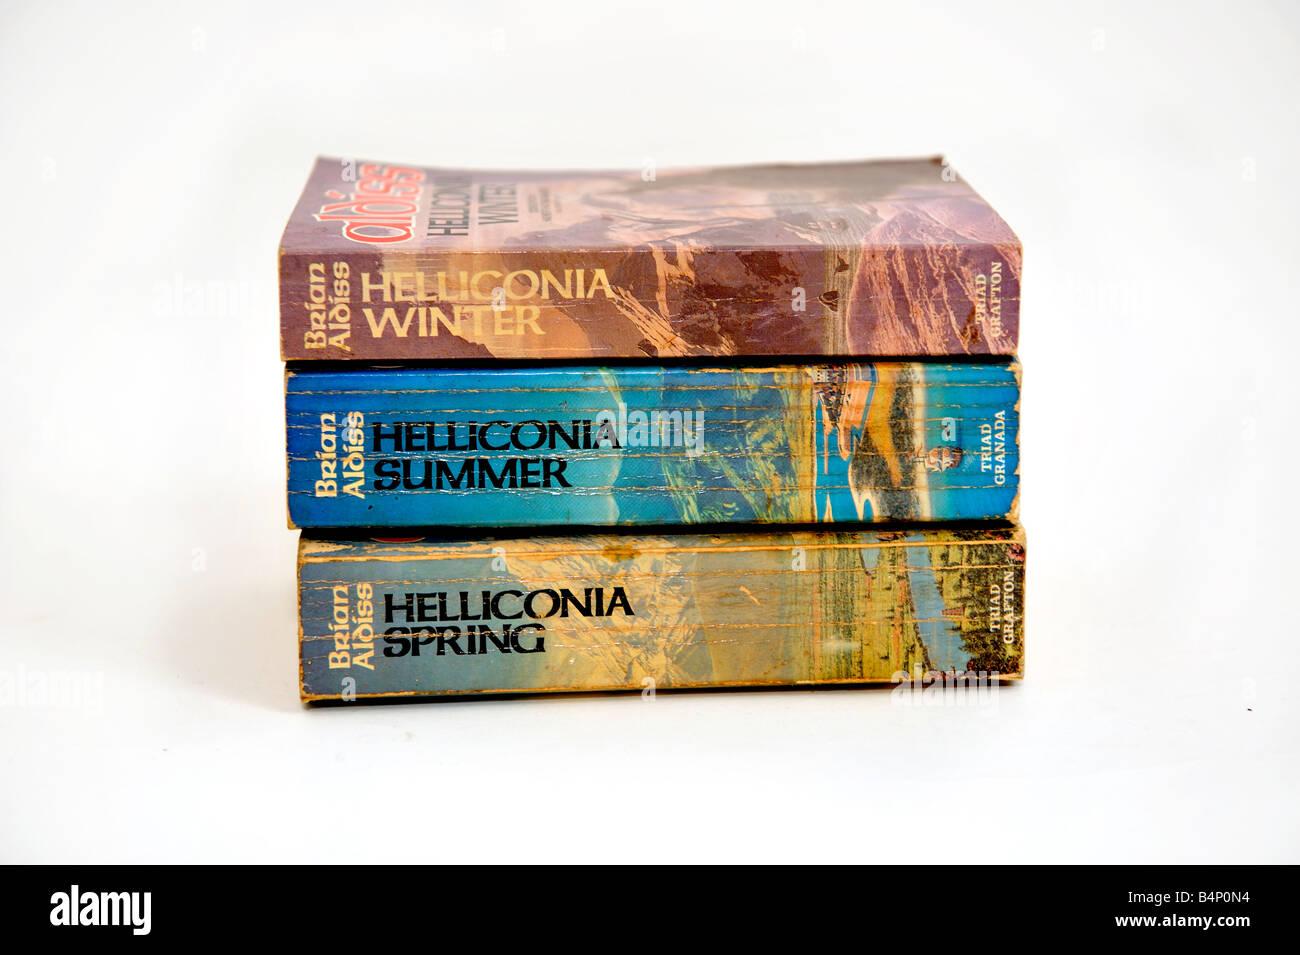 Brian Aldiss books paperbacks soft cover Helliconia Winter Helliconia Summer Helliconia Spring - Stock Image